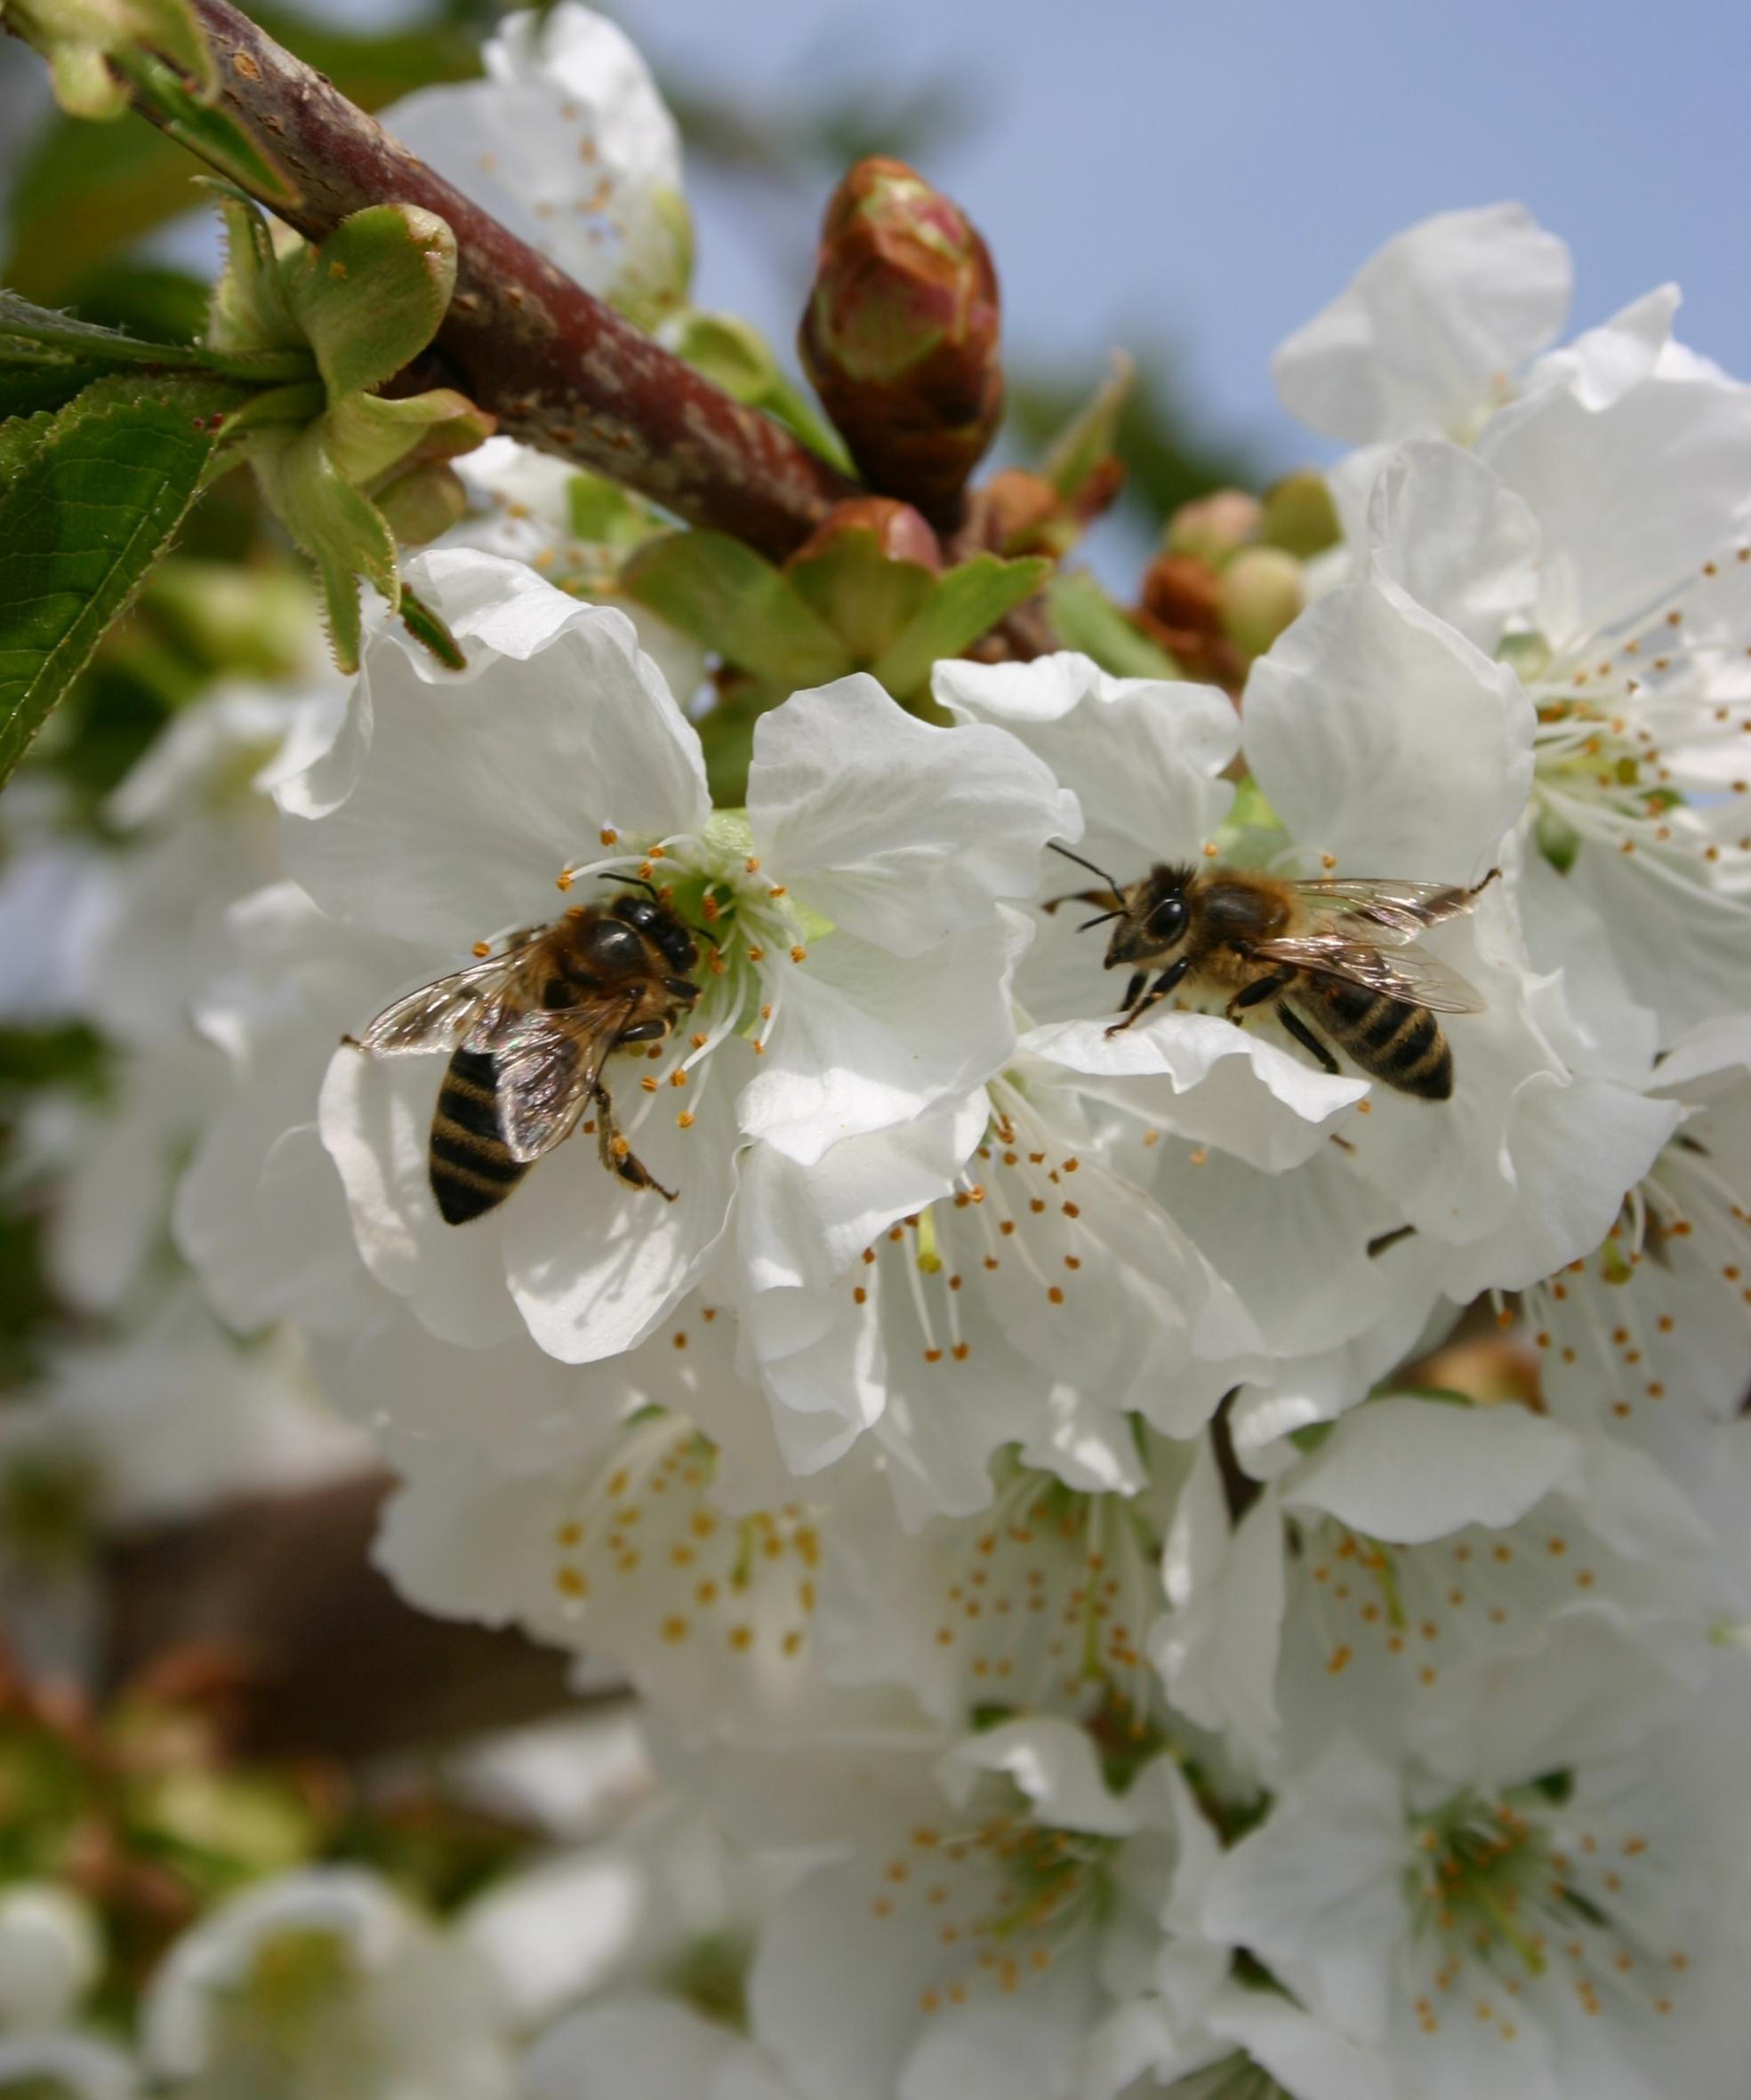 Deutsche Obstkulturen sind eine wichtige Nahrungsquelle für Bienen